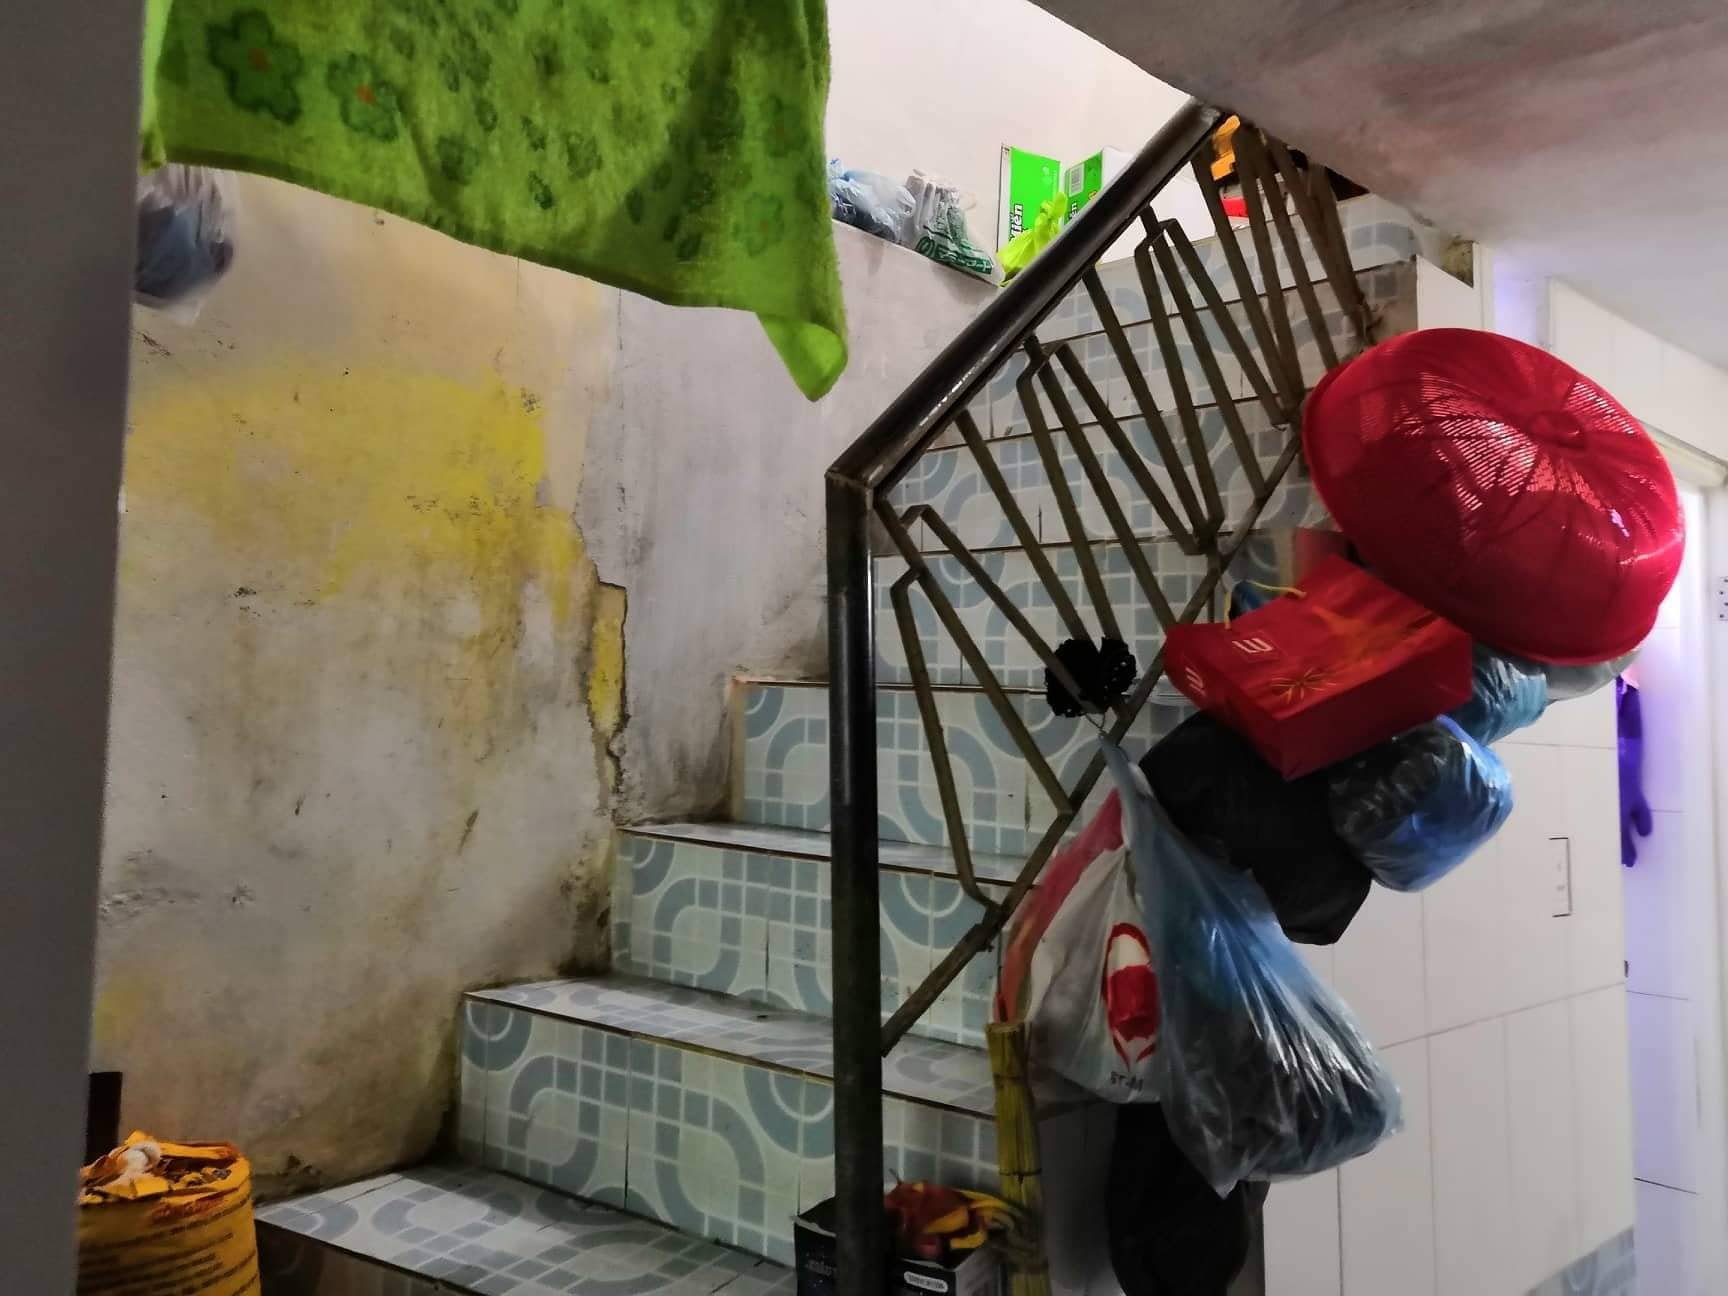 Cầu thang bước lên tầng tum của nhà ông Đ. các vết máu đã được lau sạch